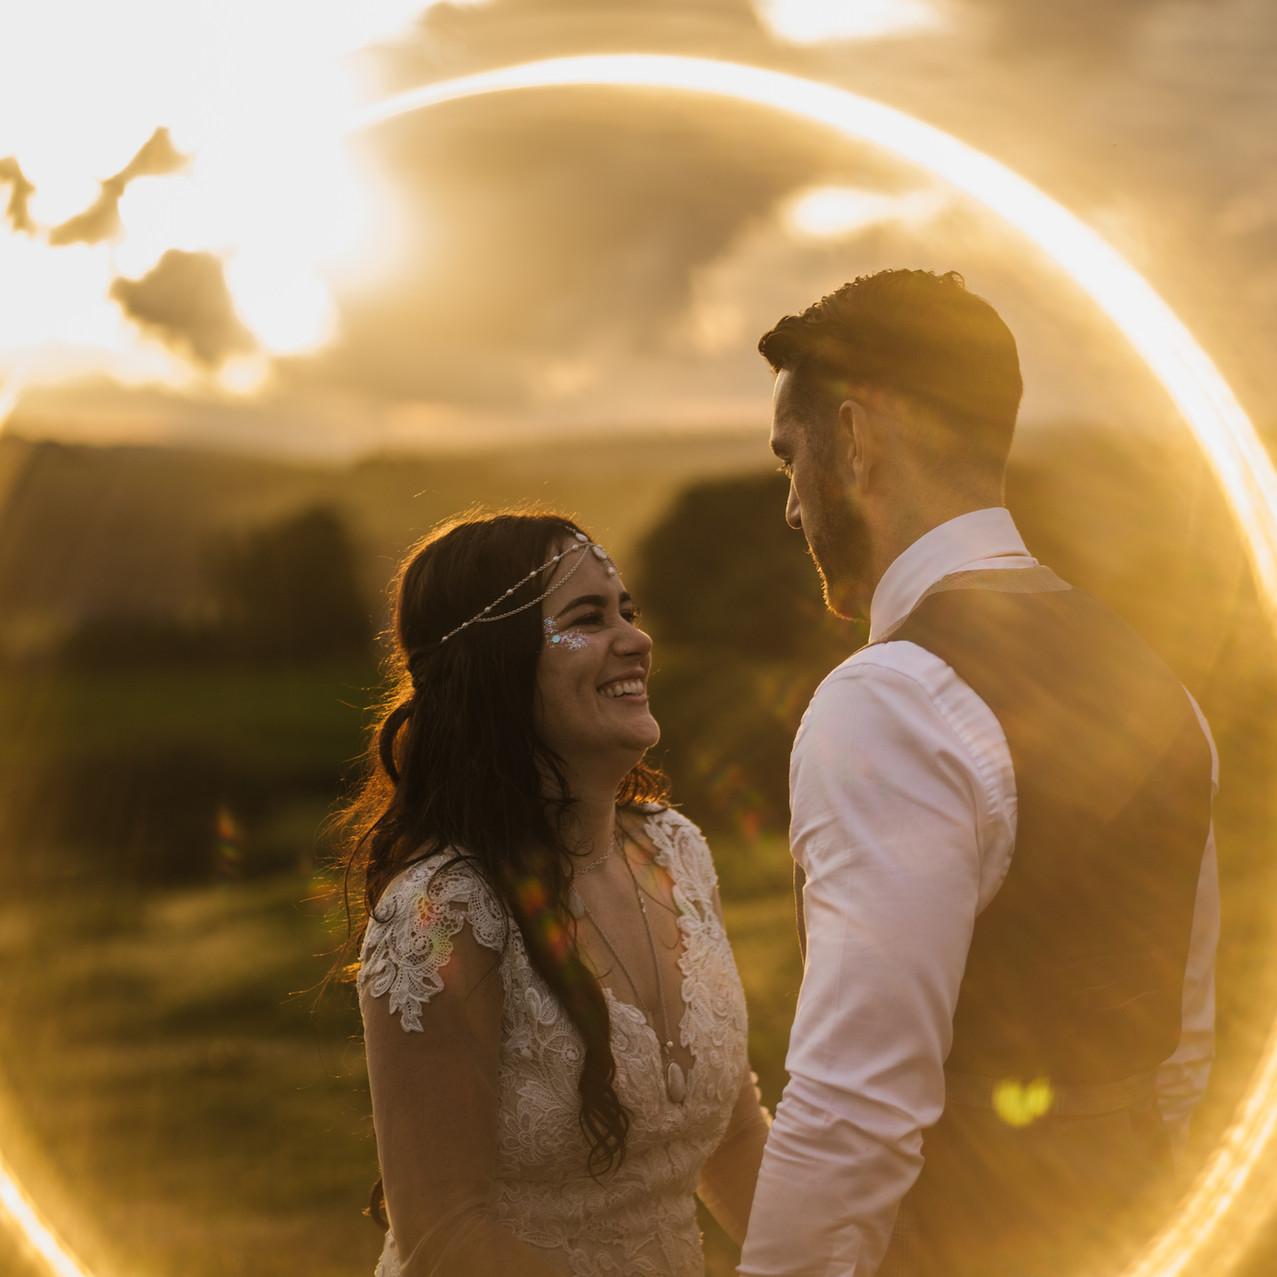 Caerhyn_Farm_Wedding_Photography_Lauren_Barry-1367